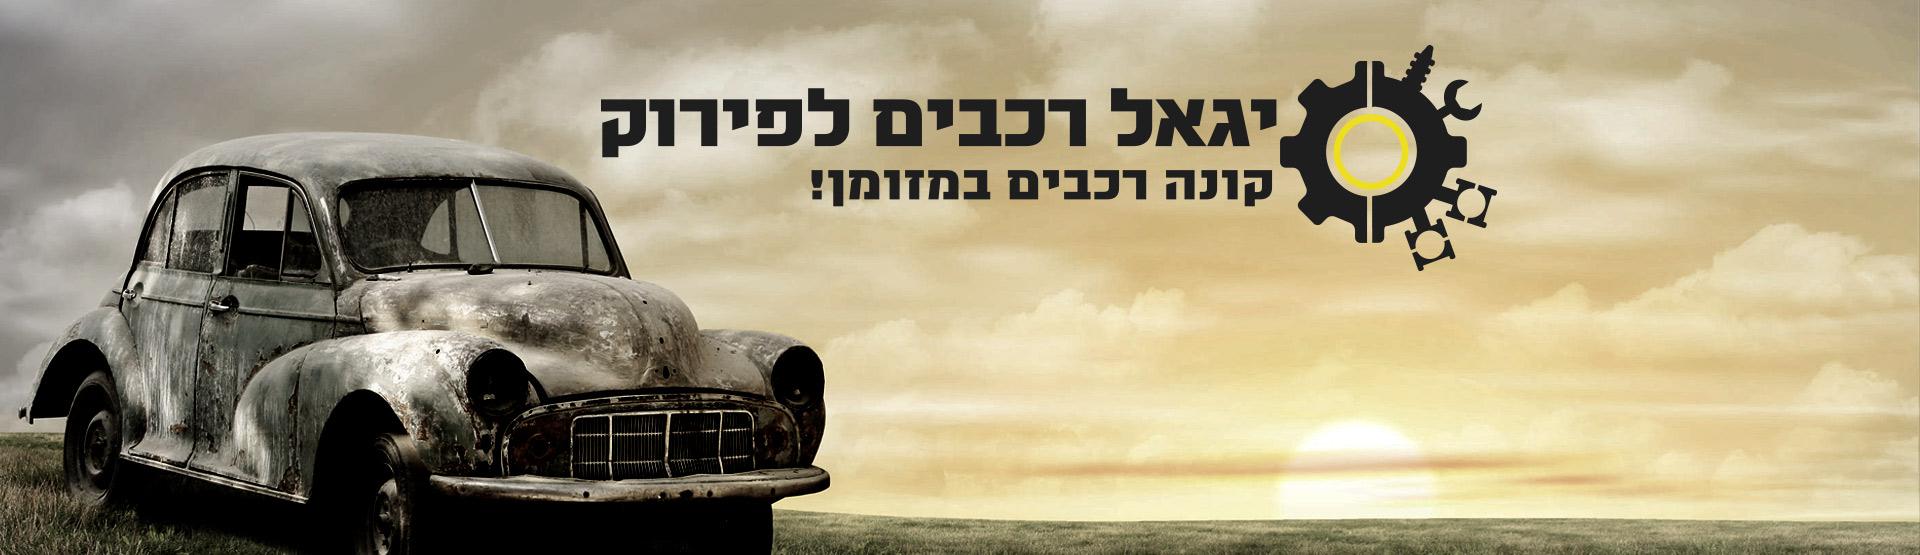 יגאל רכבים לפירוק